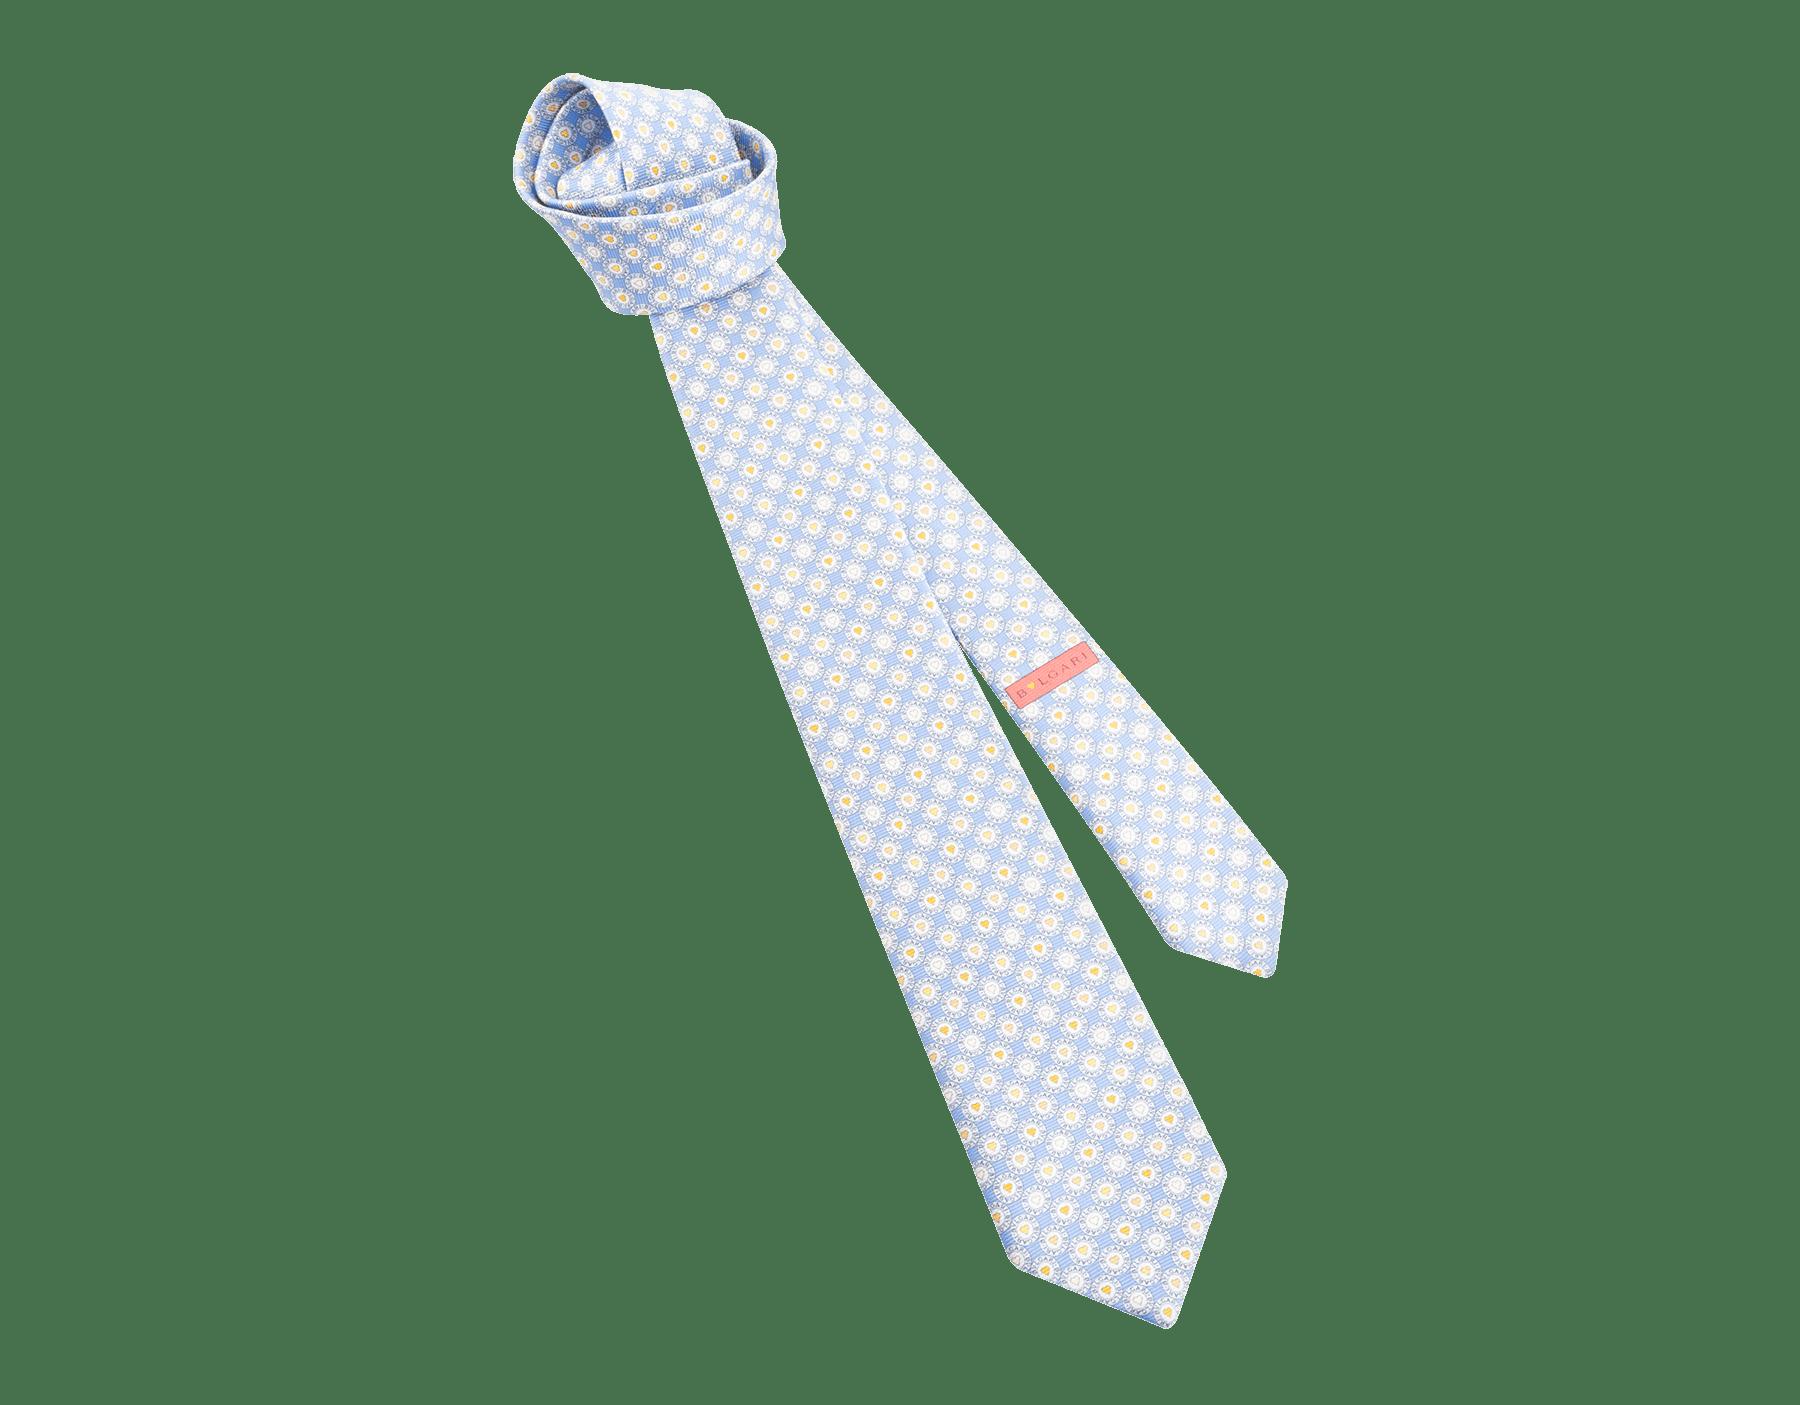 Gravata de sete dobras azul-claro com padrão BB Heart Logo em fina sarja de seda estampada. 244184 image 1